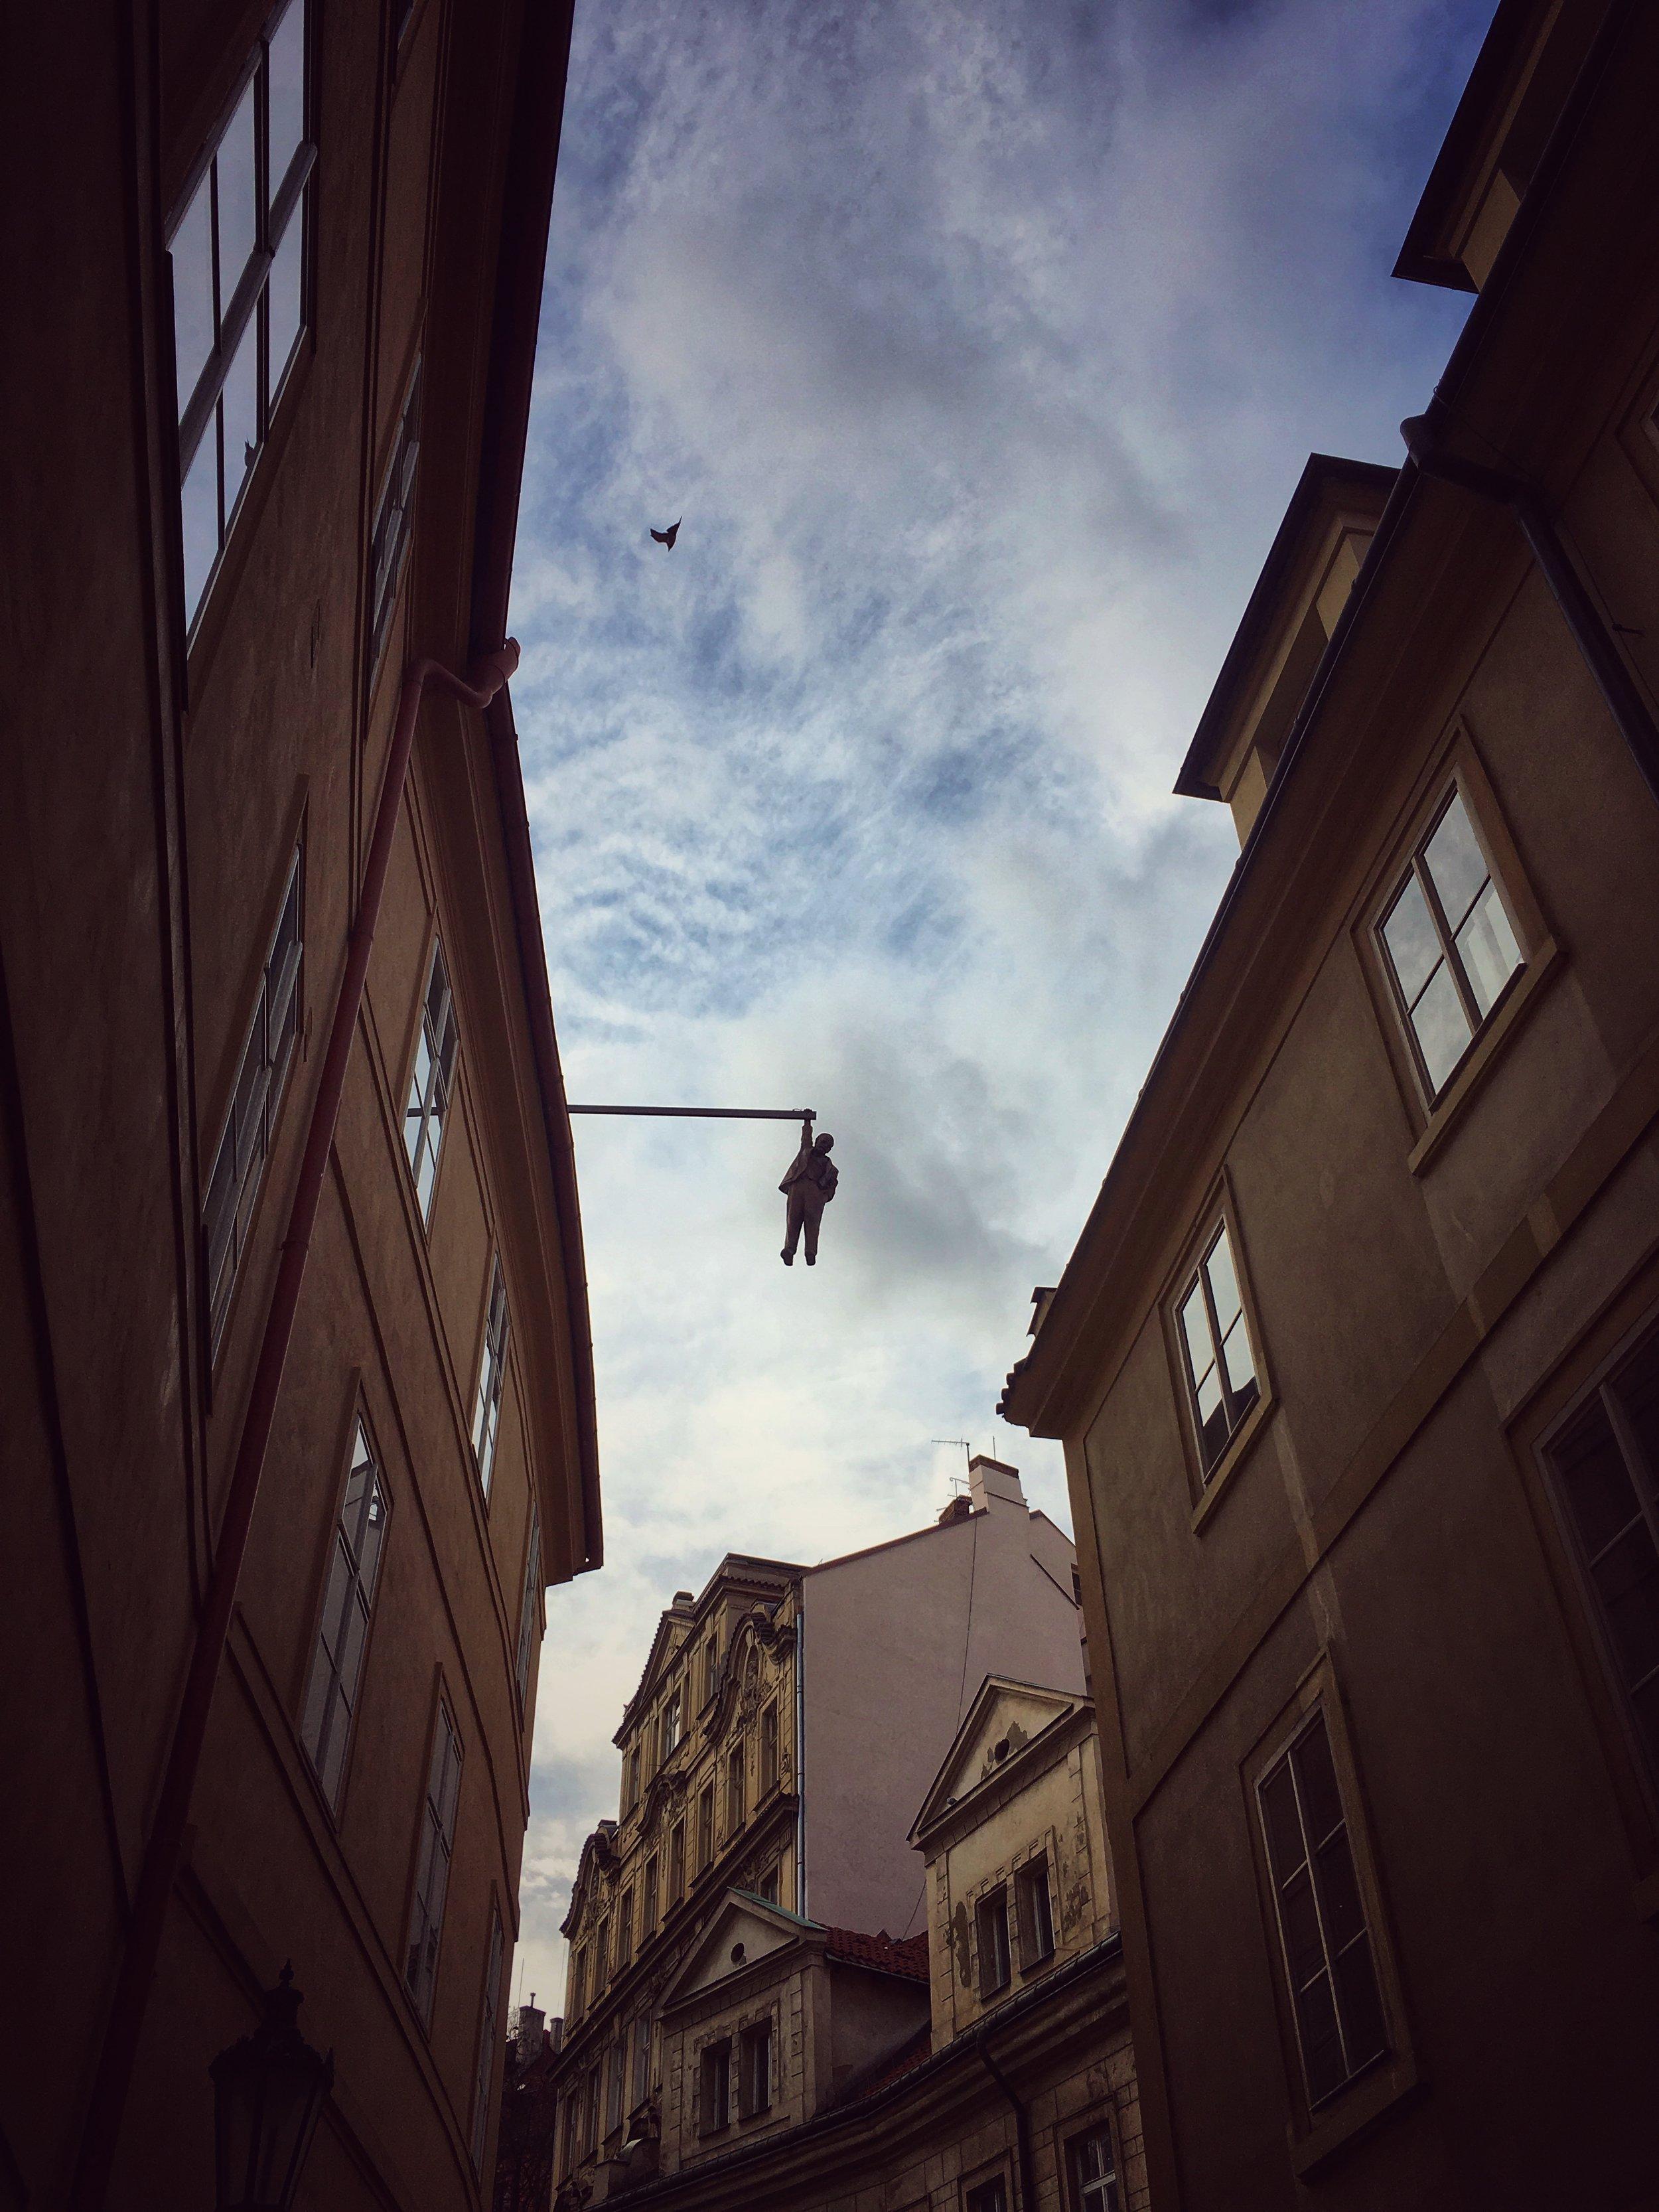 David Cerny - hanging man (with bird)